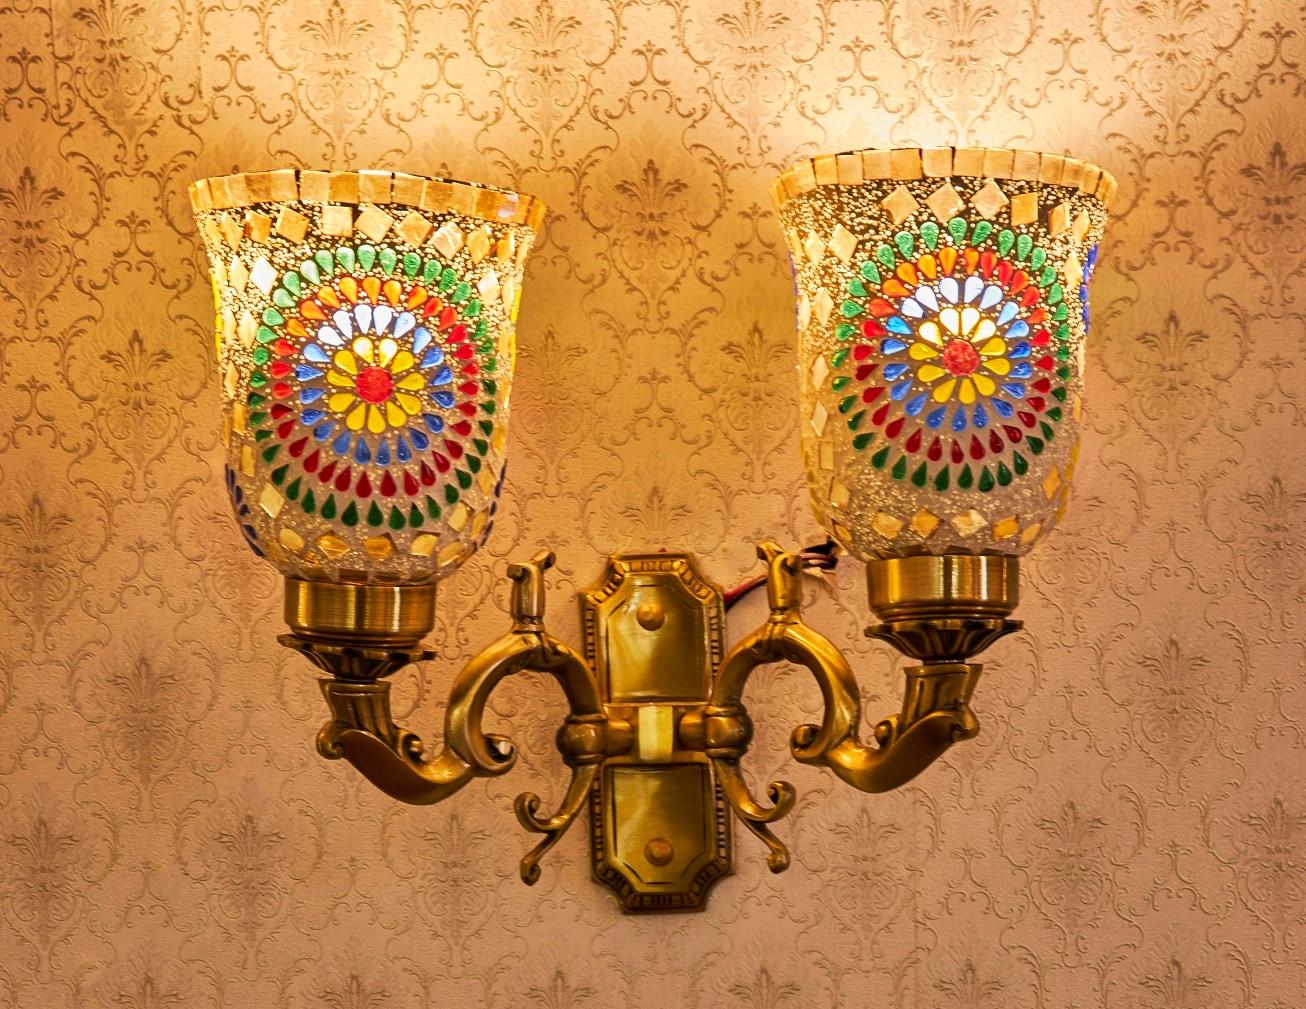 Aura Wall Light Double Head Mosaic Multicolour Customizable